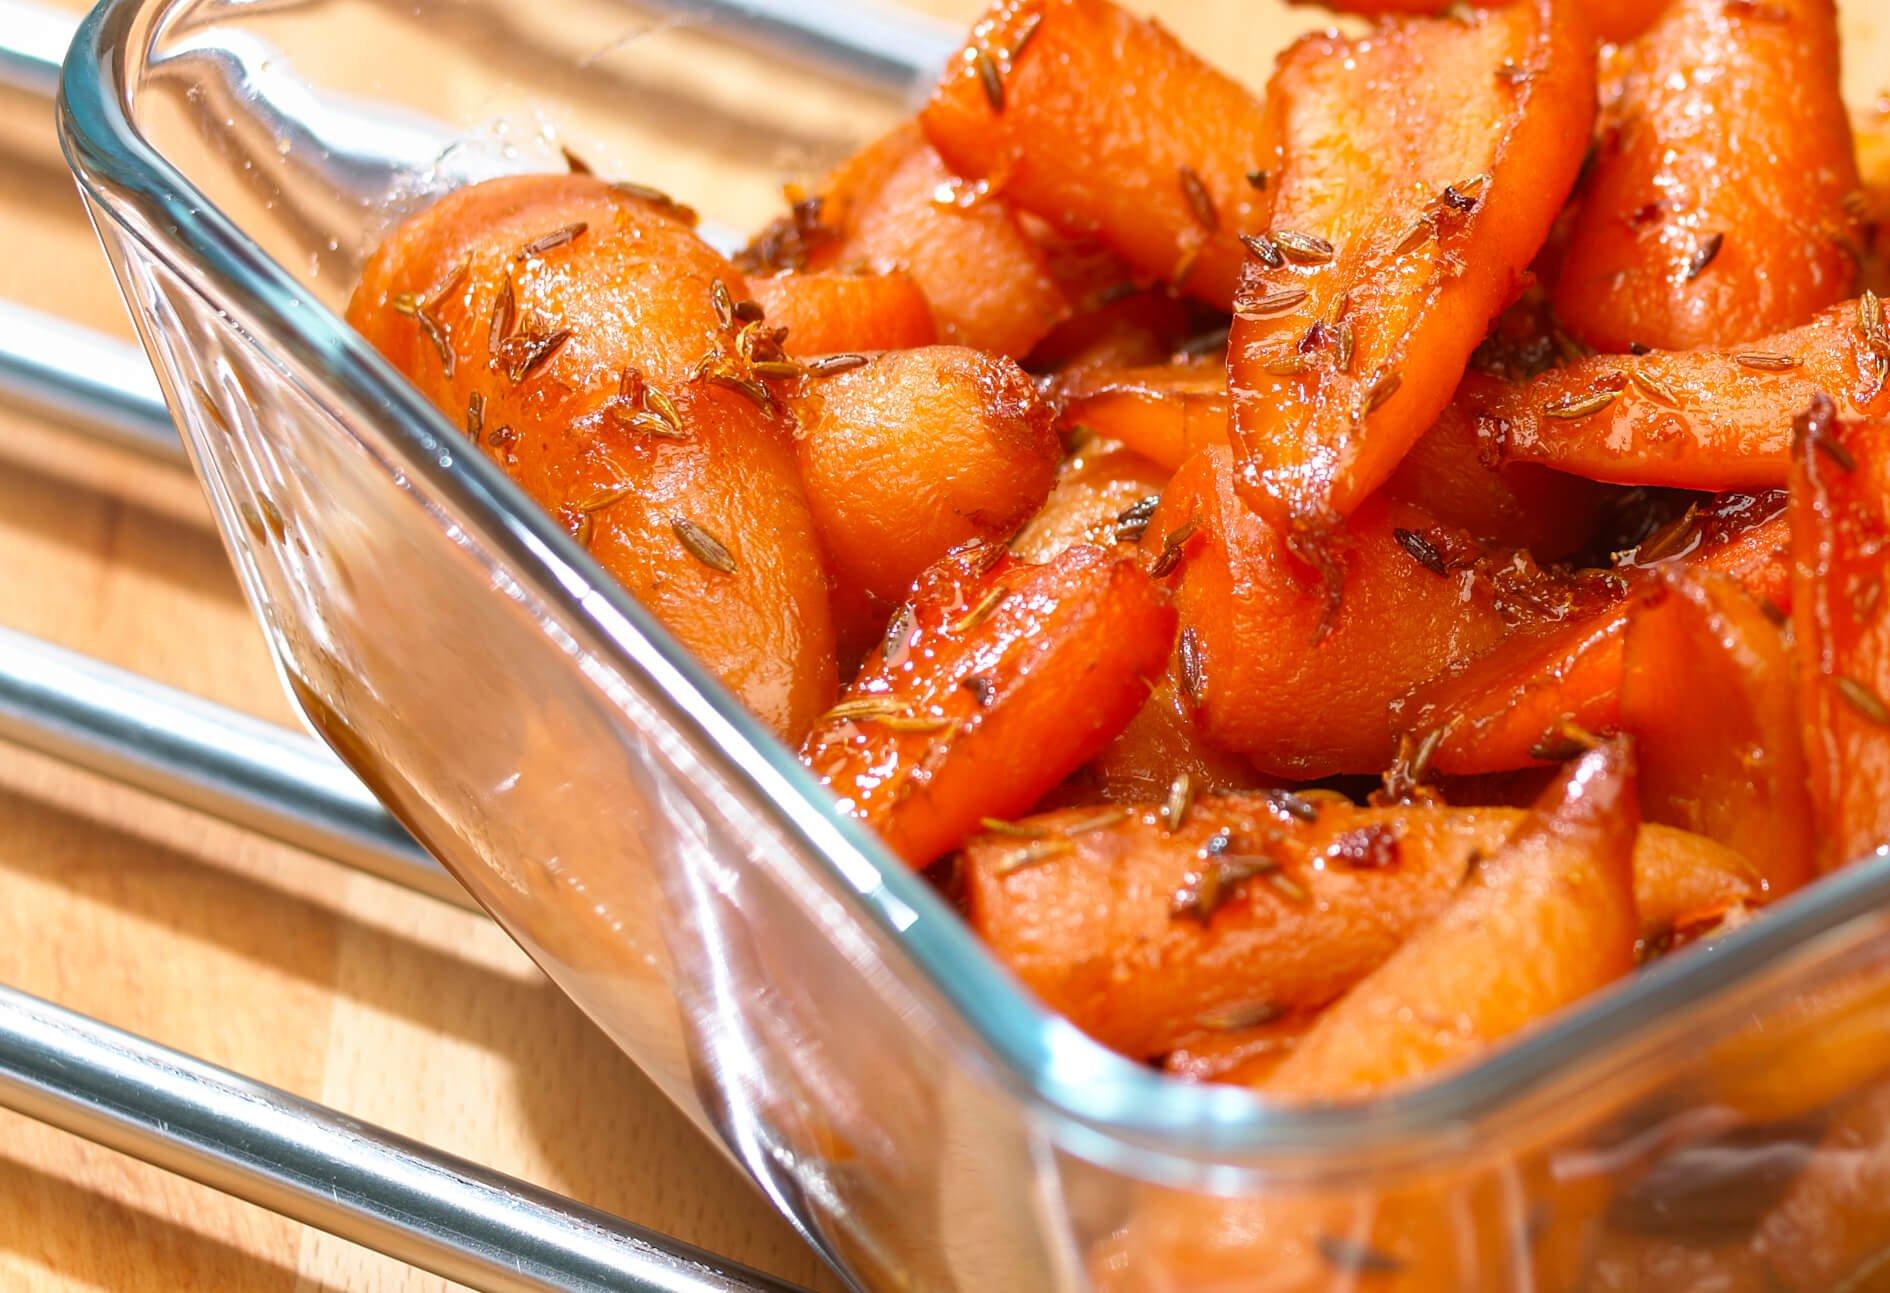 Pyrex Food Photography